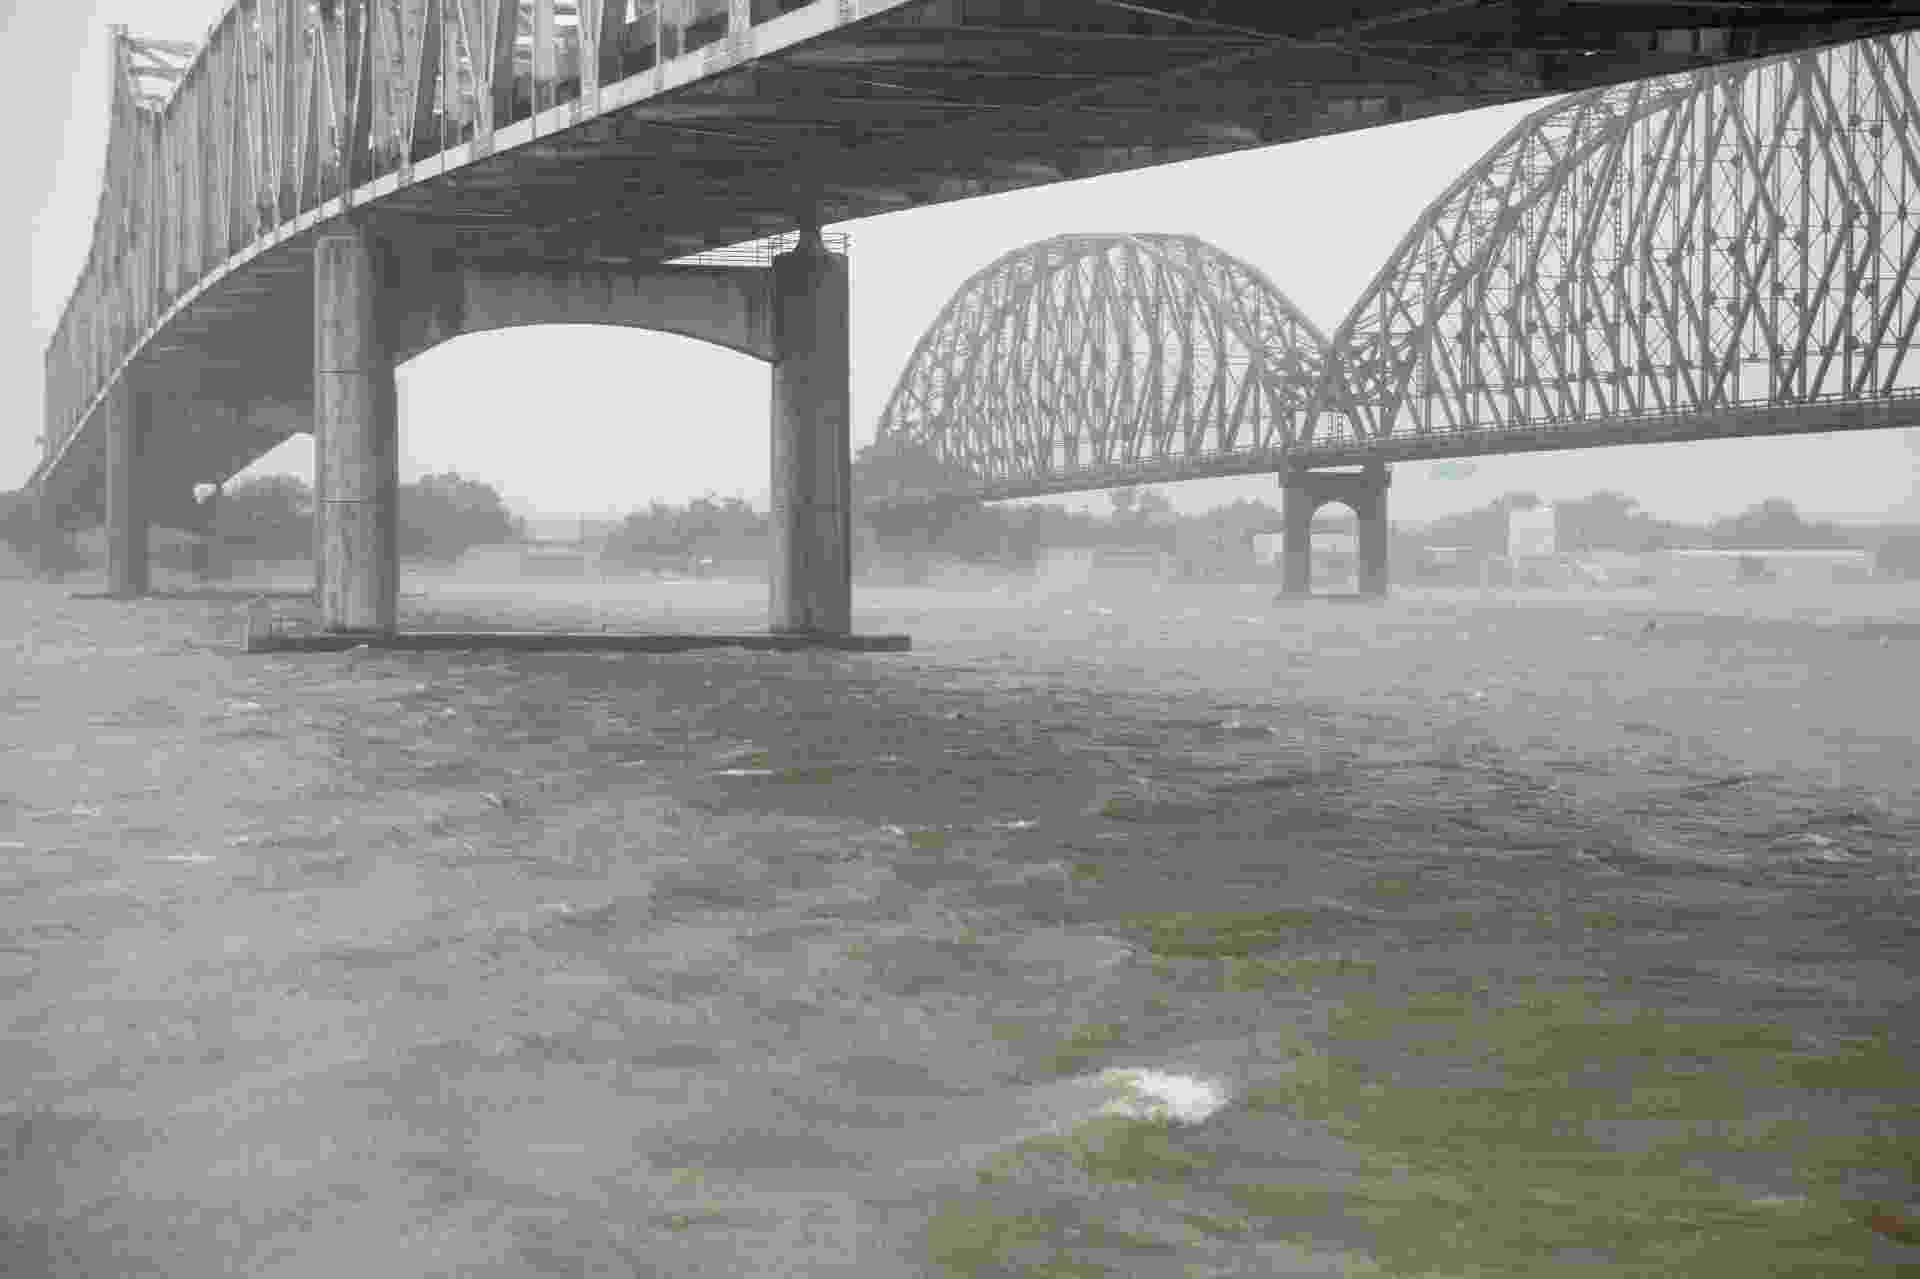 13.jul.2019 - Ventos fortes atingem Morgan City, nos Estados Unidos, conforme o furacão Barry se aproxima do estado da Louisiana. Antes tempestade tropical, Barry ganhou força e se transformou no primeiro furacão da temporada no oceano Atlântico - Seth Herald/AFP